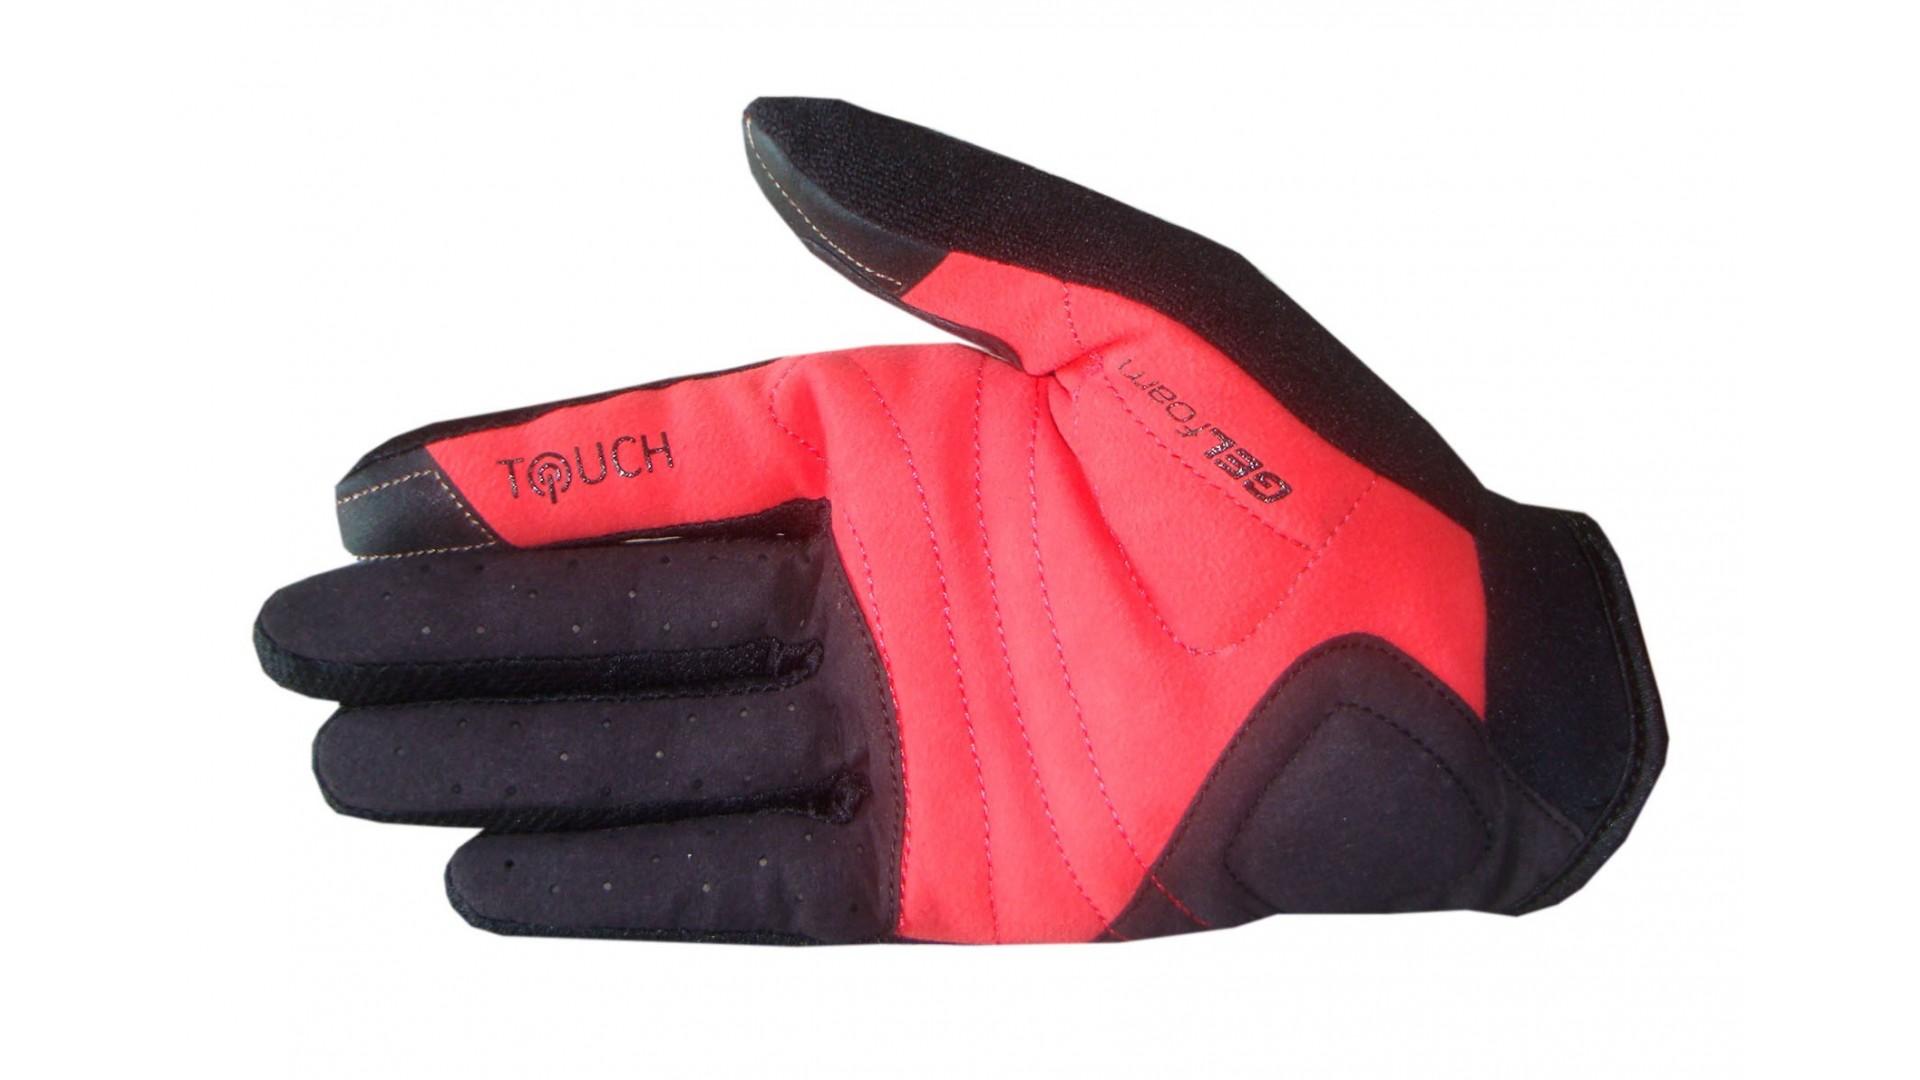 Велоперчатки Ghost c длинными пальцами black/red/white год 2015